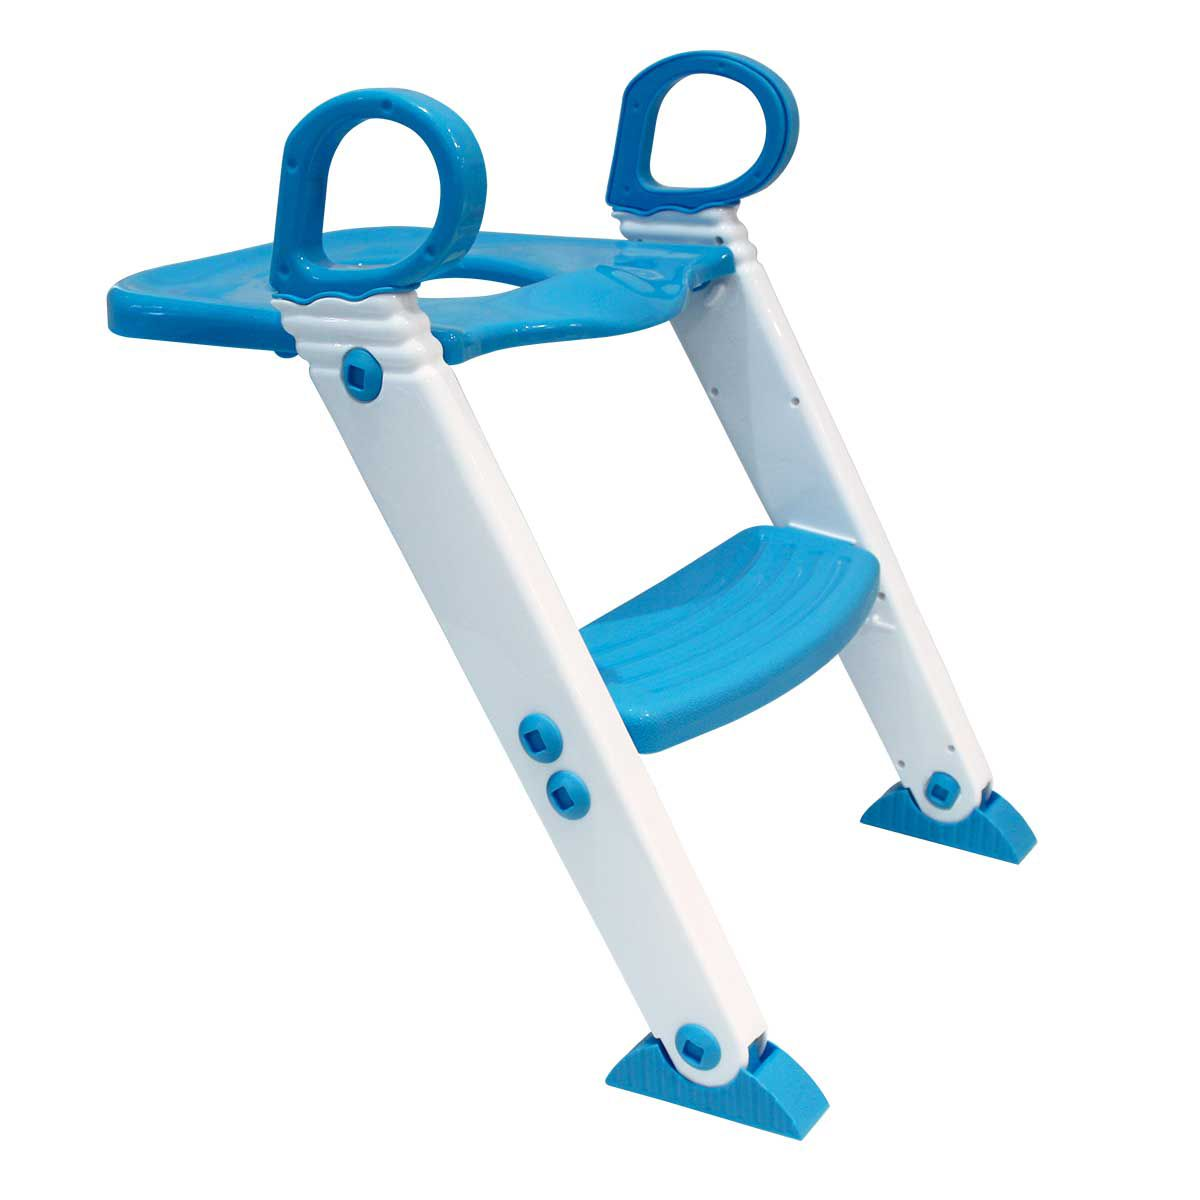 Redutor de Assento com Degrau Azul - Clingo